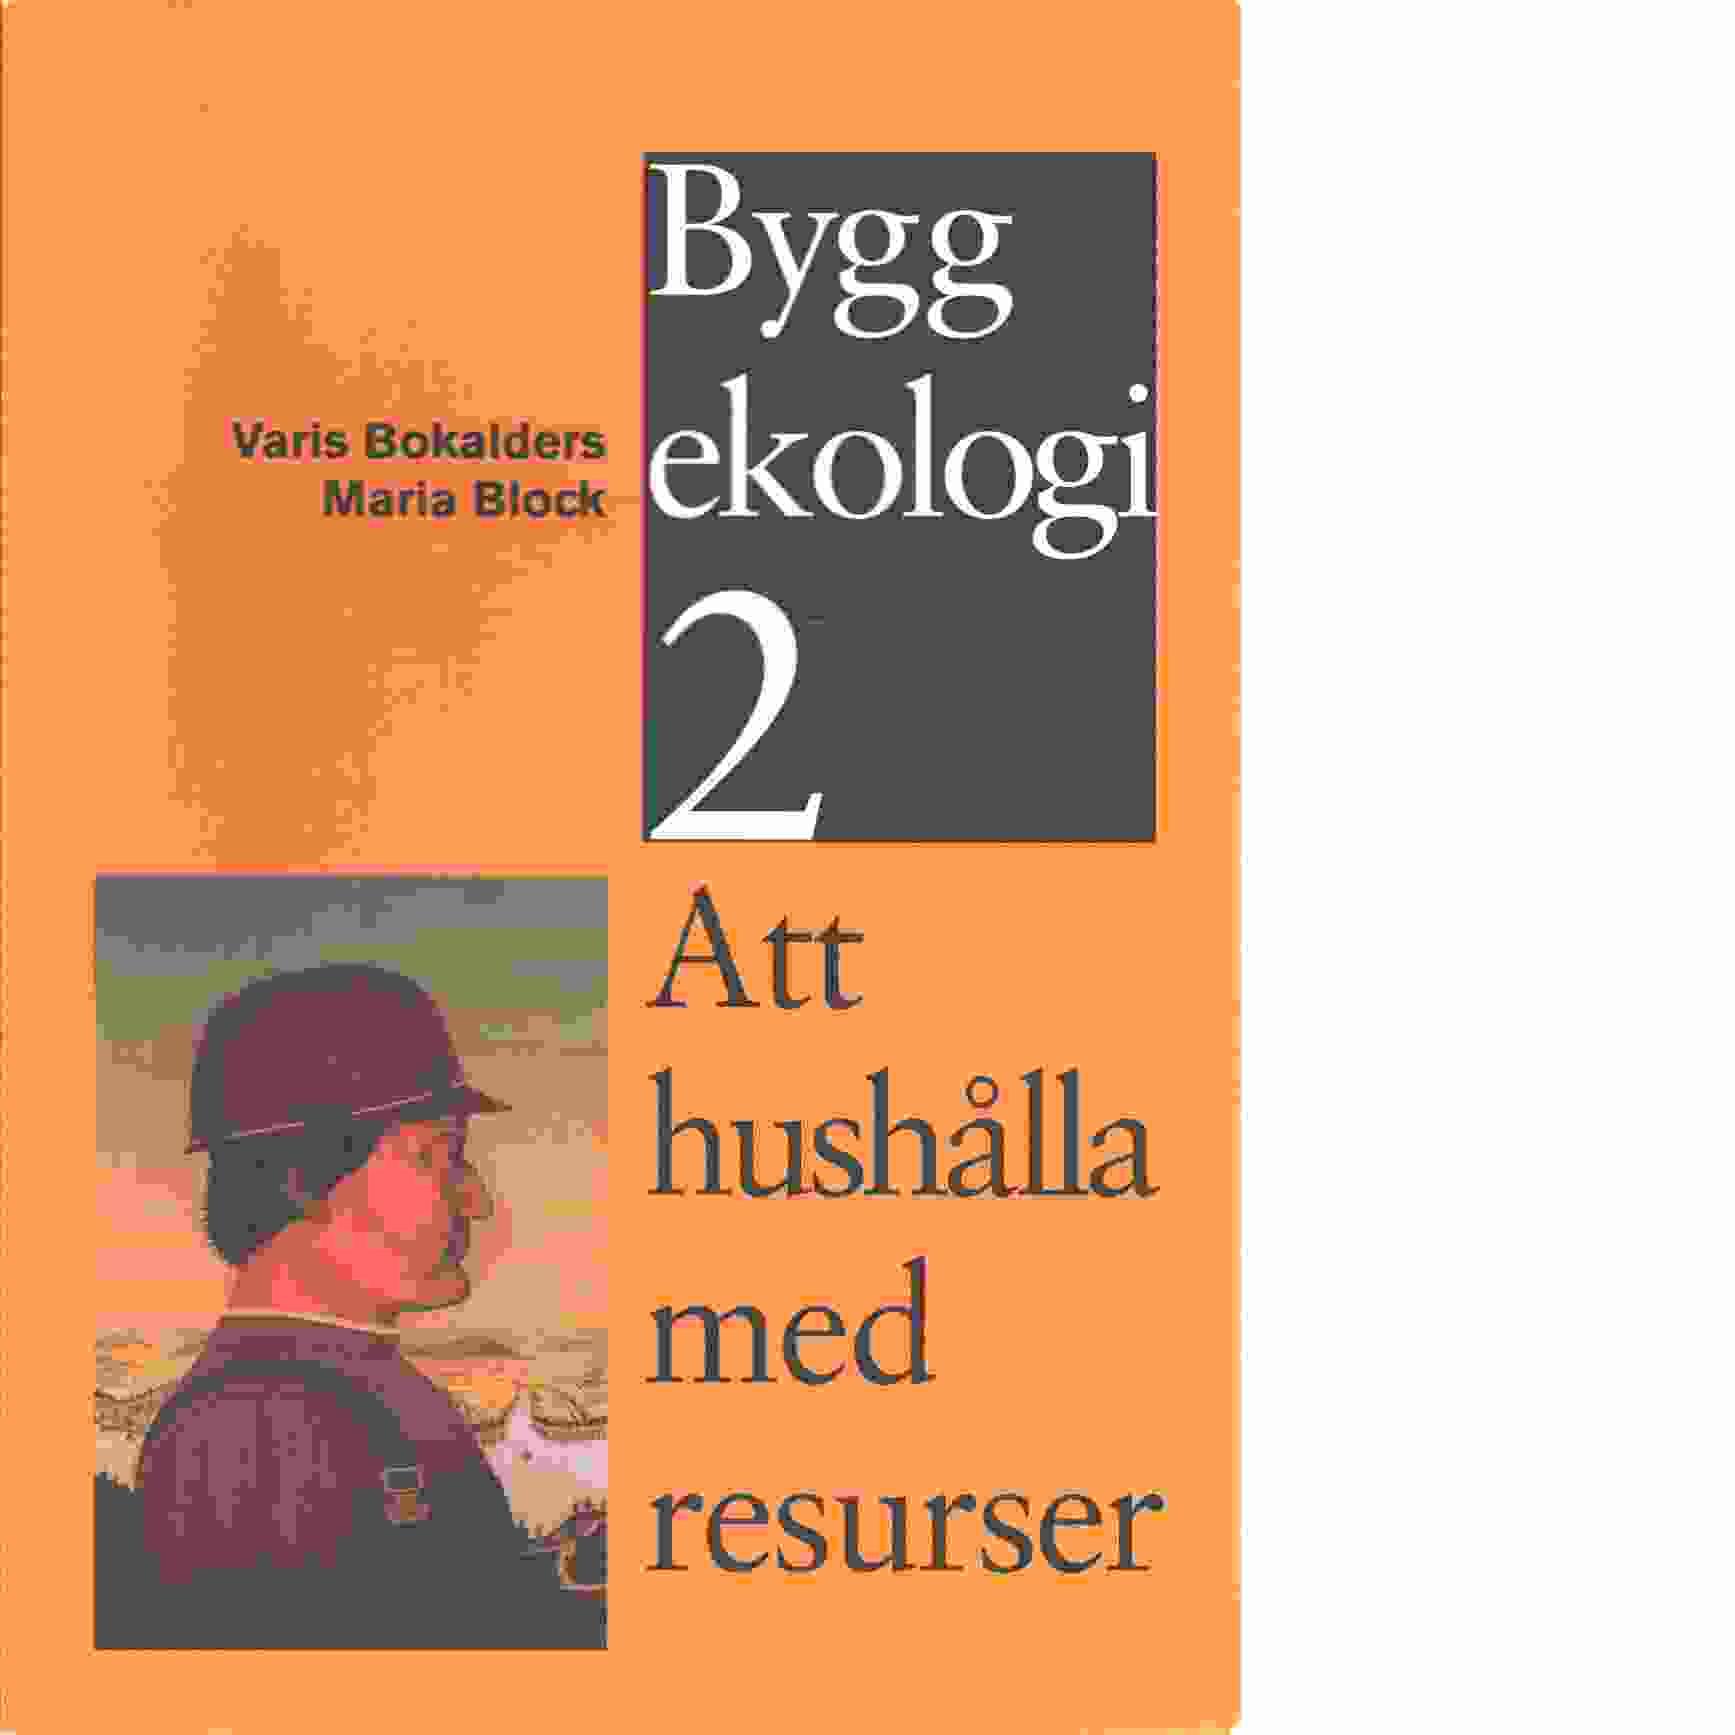 Byggekologi. 2, Att hushålla med resurser - Bokalders, Varis